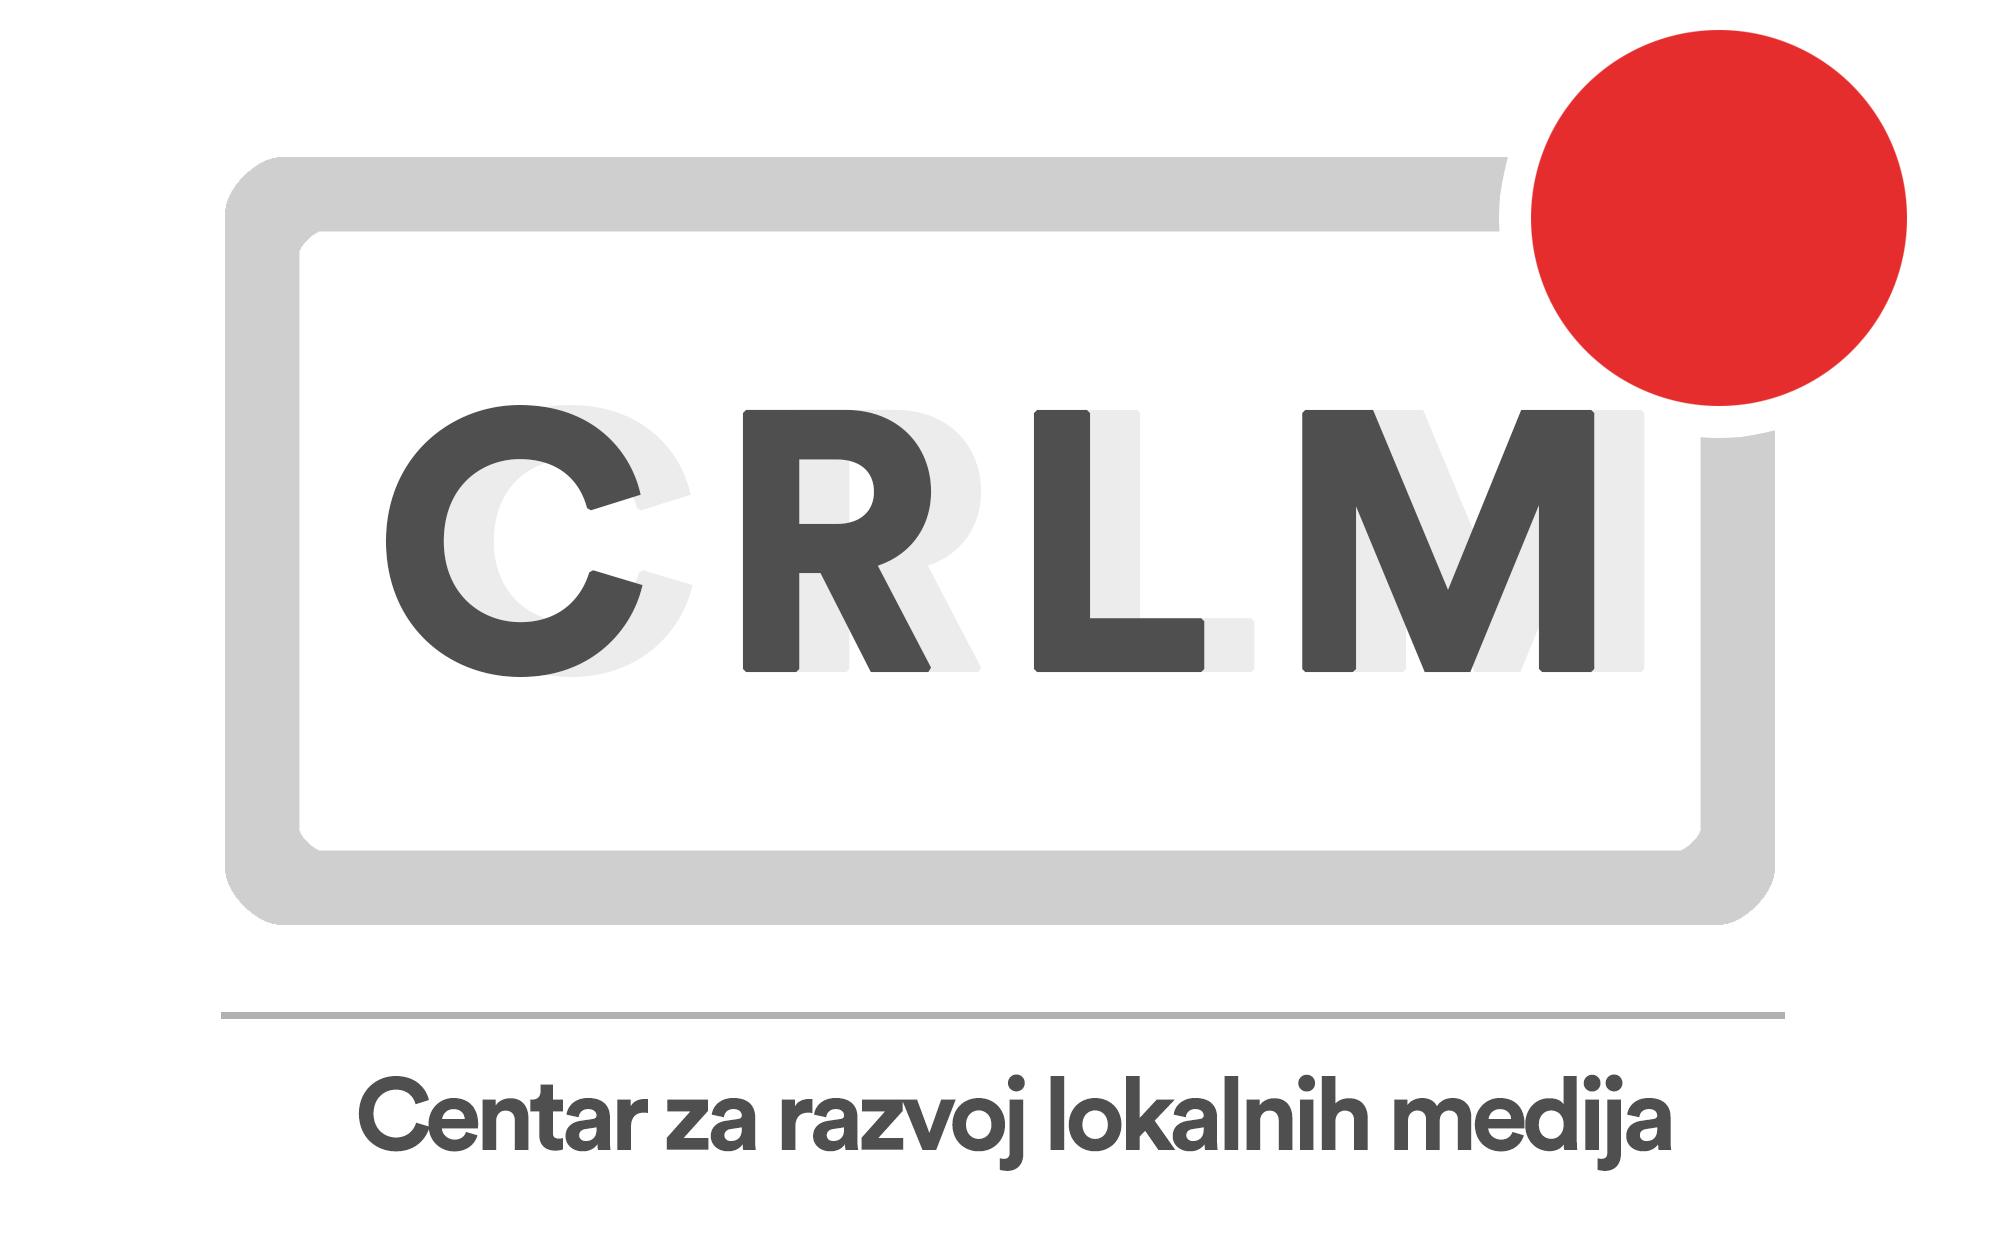 Centar za razvoj lokalnih medija